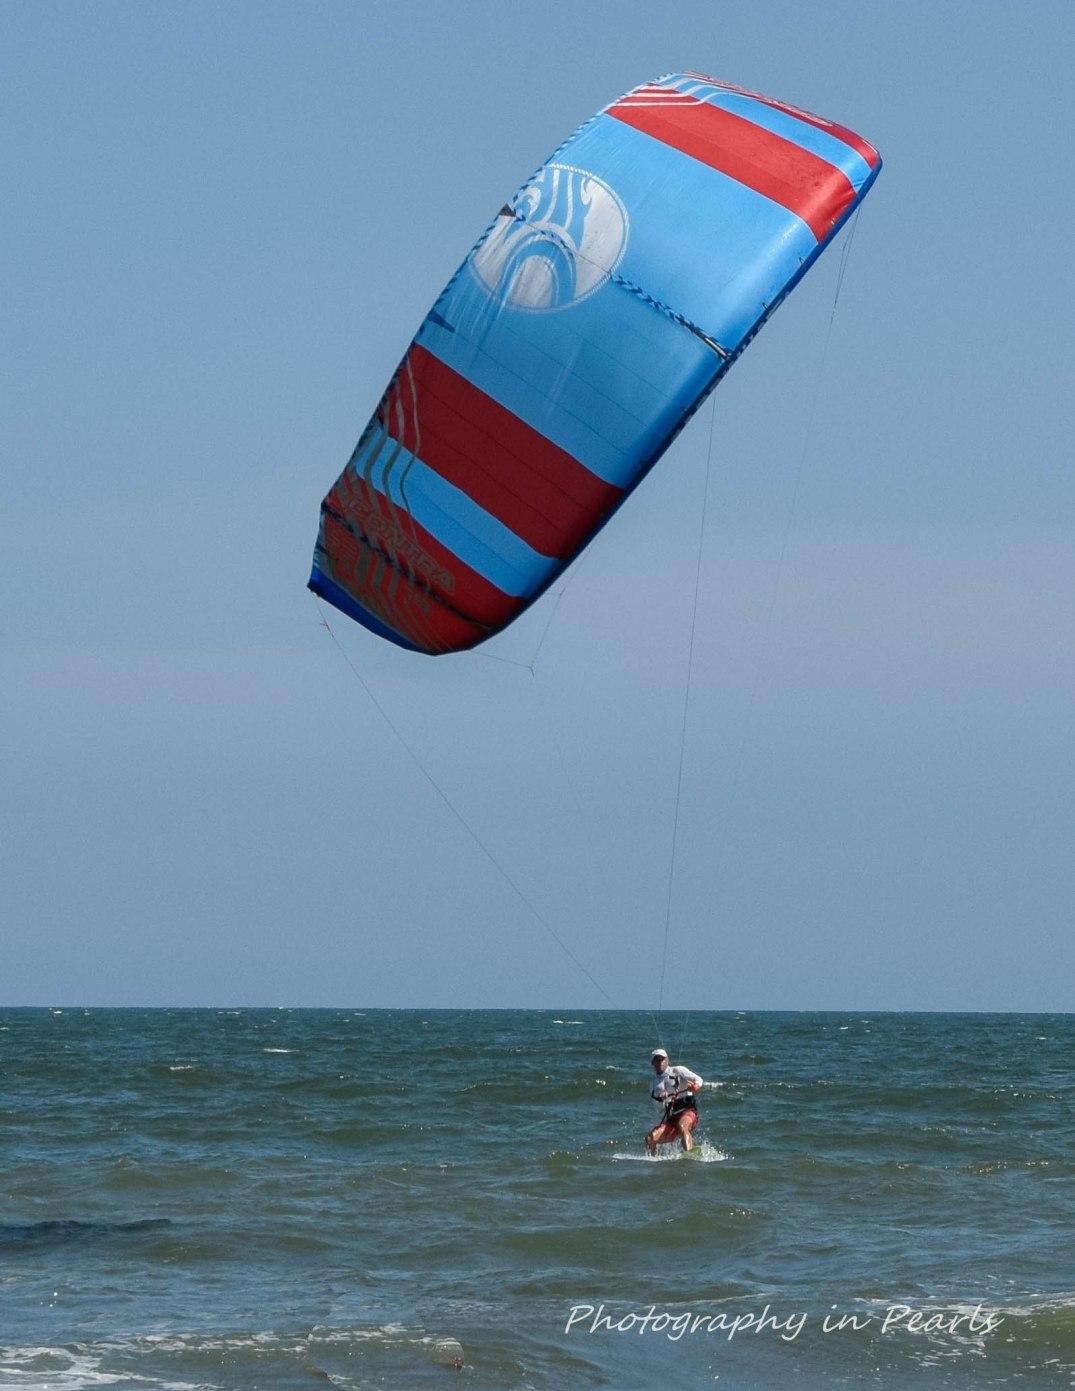 Windsurfing 3